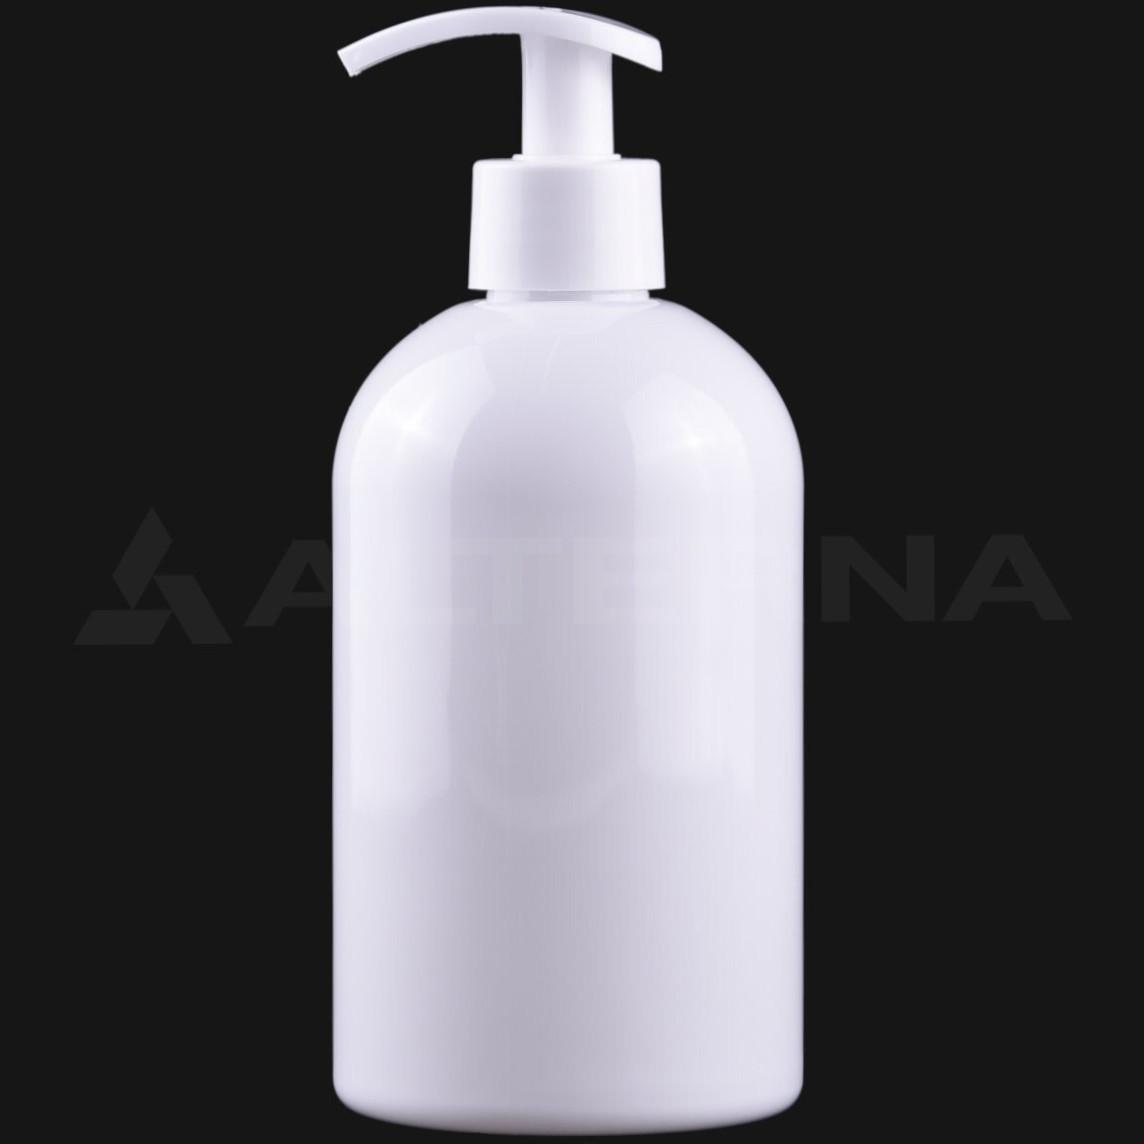 500 ml PET Bottle with 28 mm Pump Dispenser